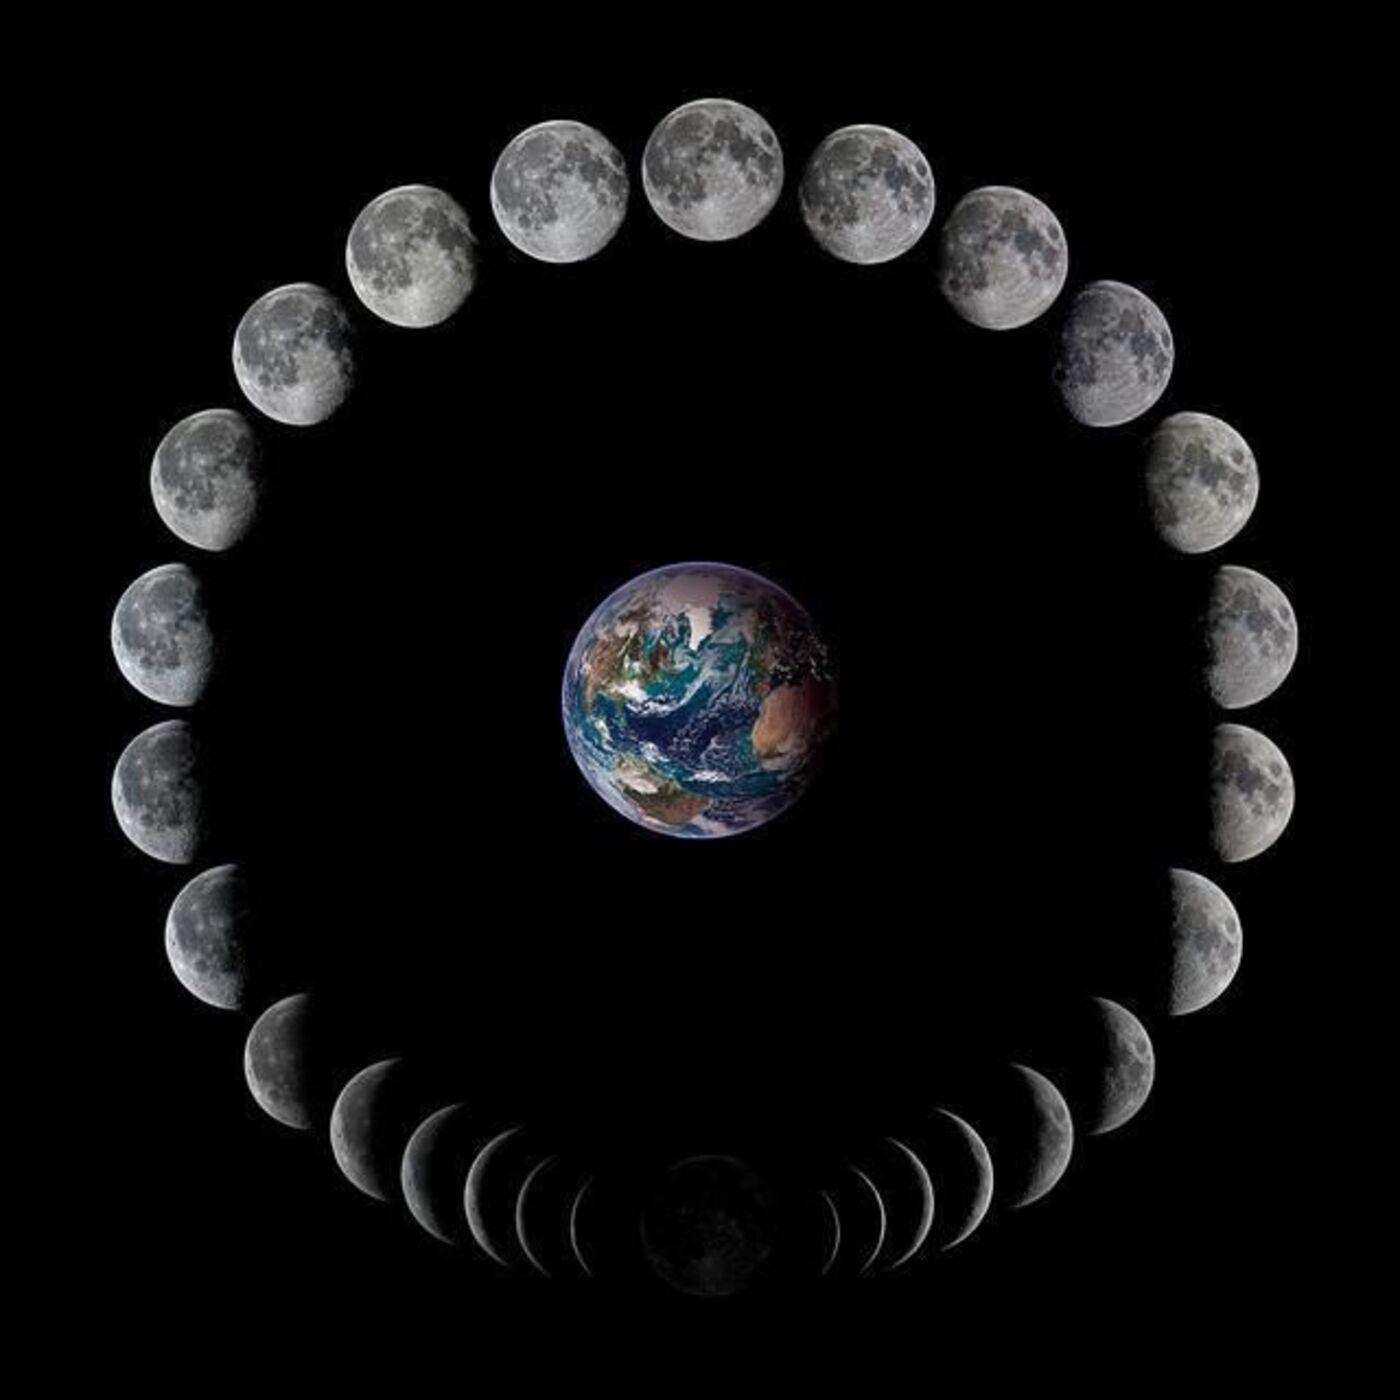 007 - New Moon Magick 101